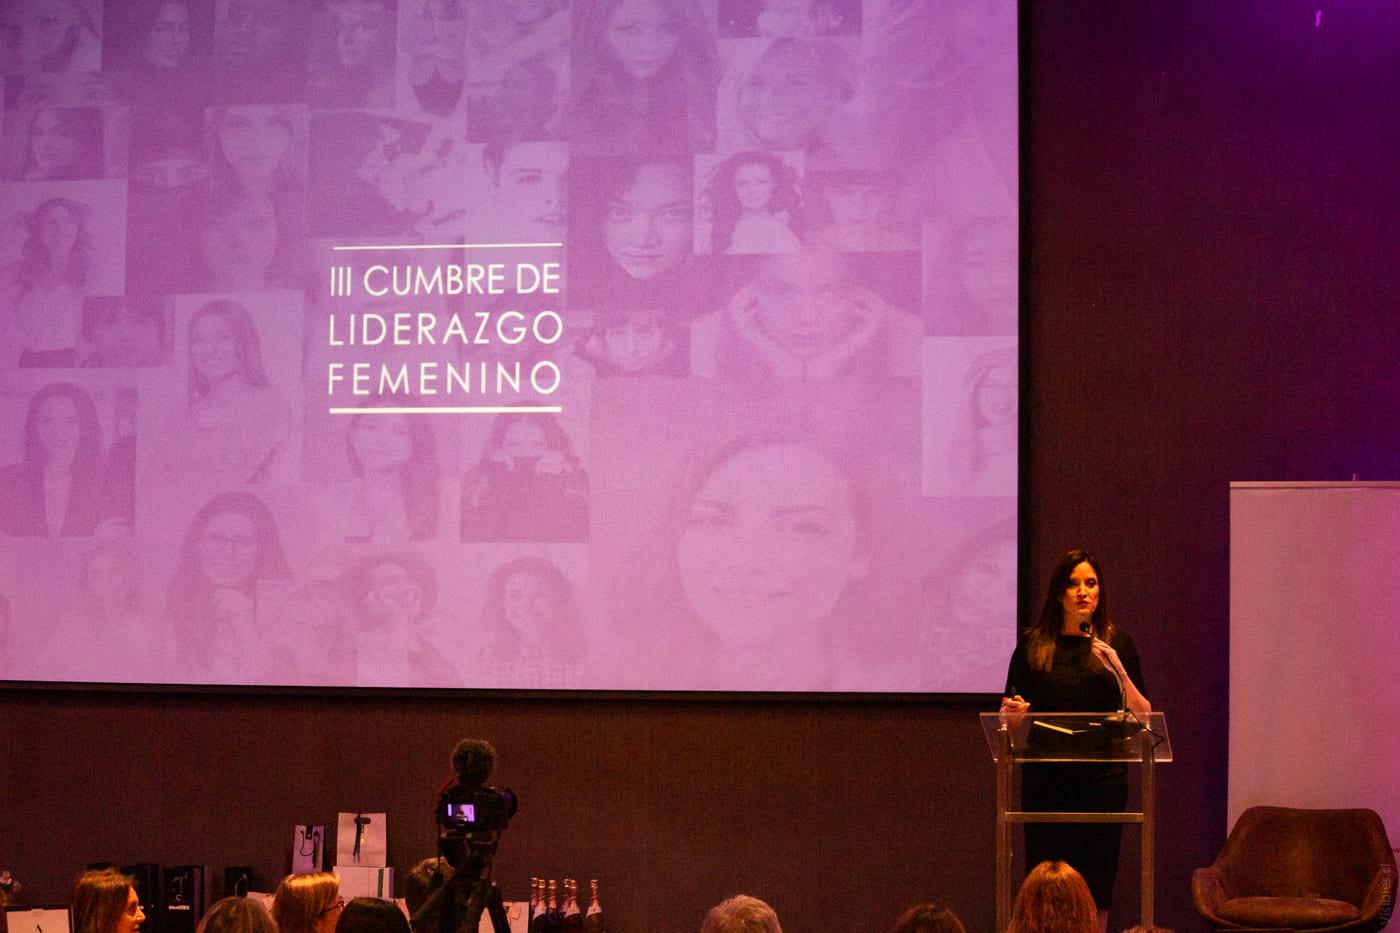 http://www.swisschile.cl/wp-content/uploads/2019/06/III_CUMBRE_LIDERAZGO_FEMENINO_Visibles_cl-24.jpg